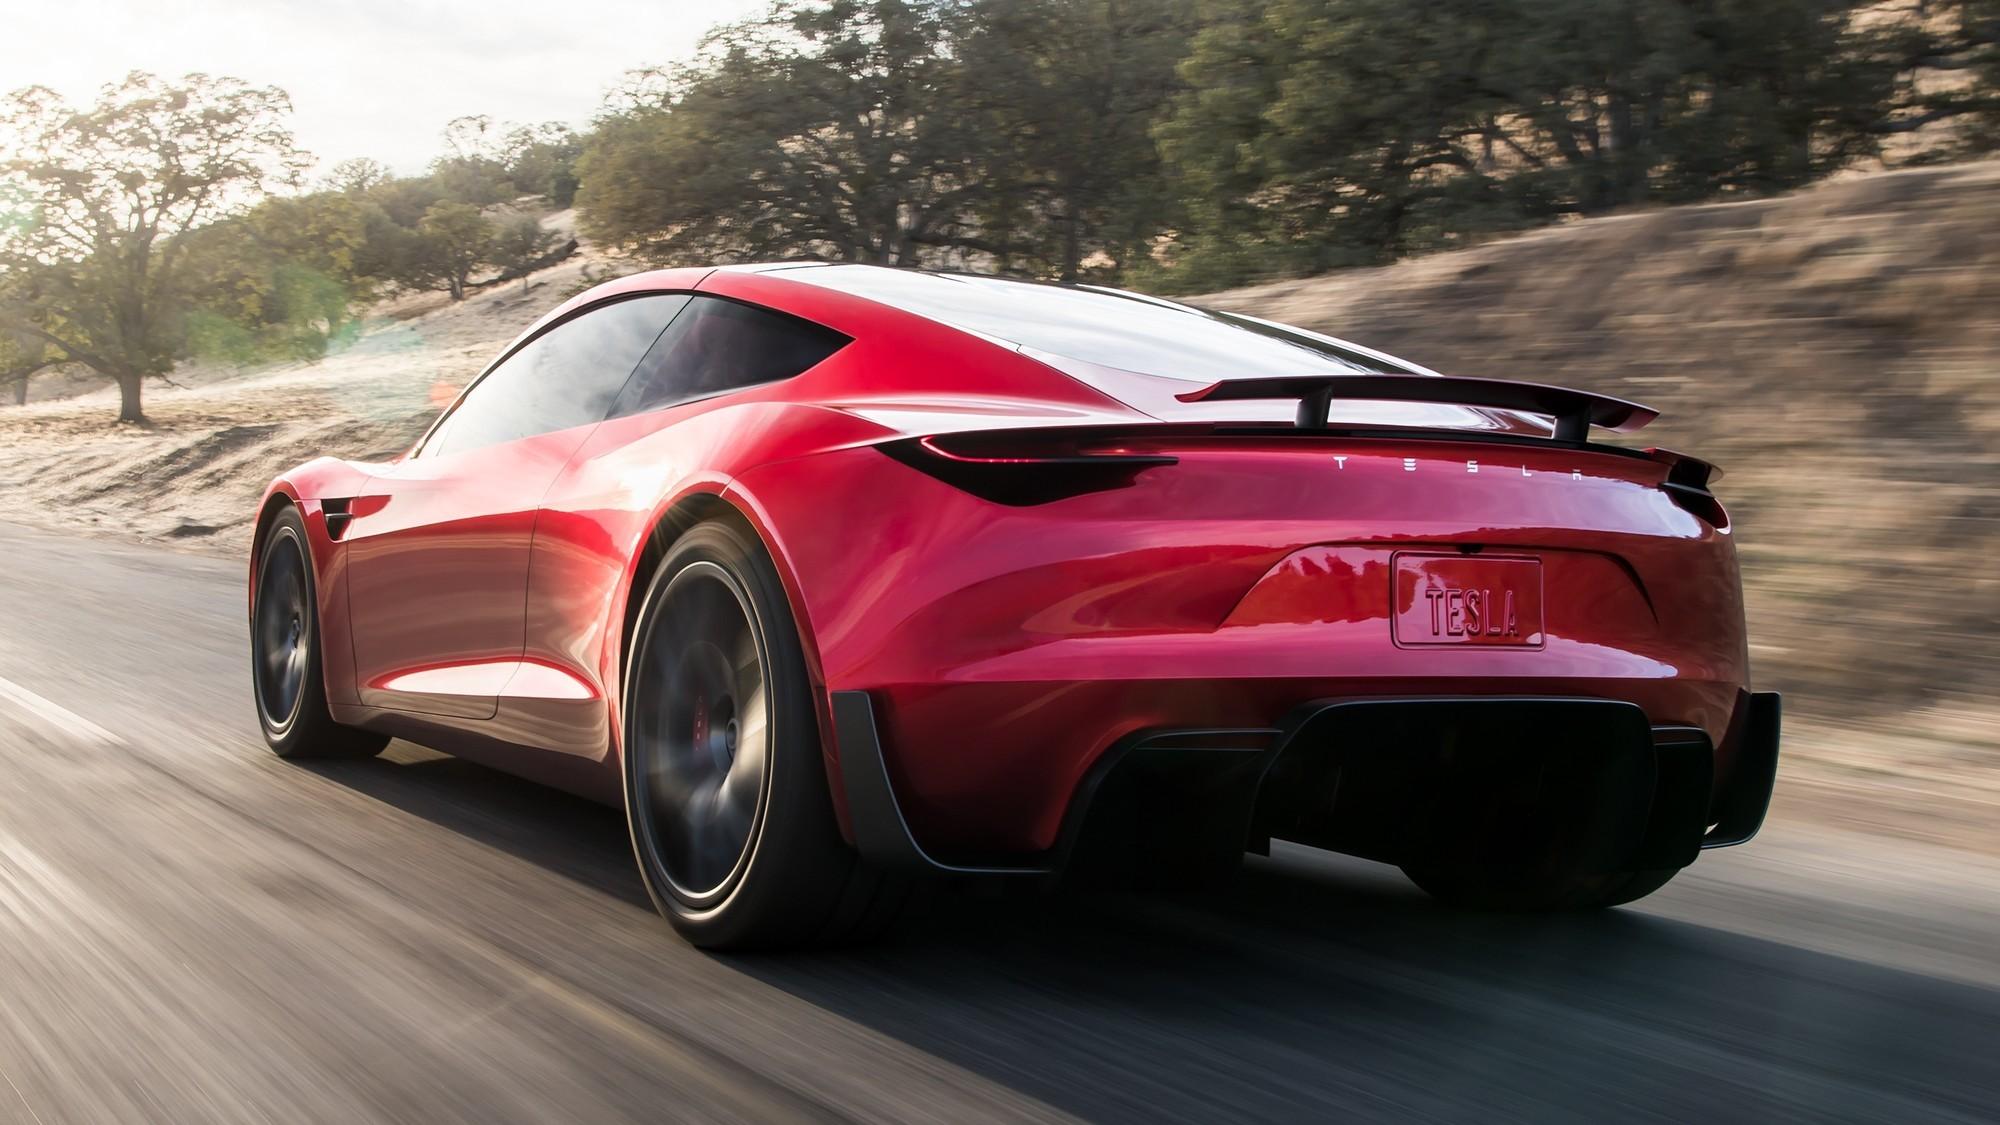 Идёт на взлёт: Илон Маск пообещал снабдить новый Tesla Roadster ракетными технологиями